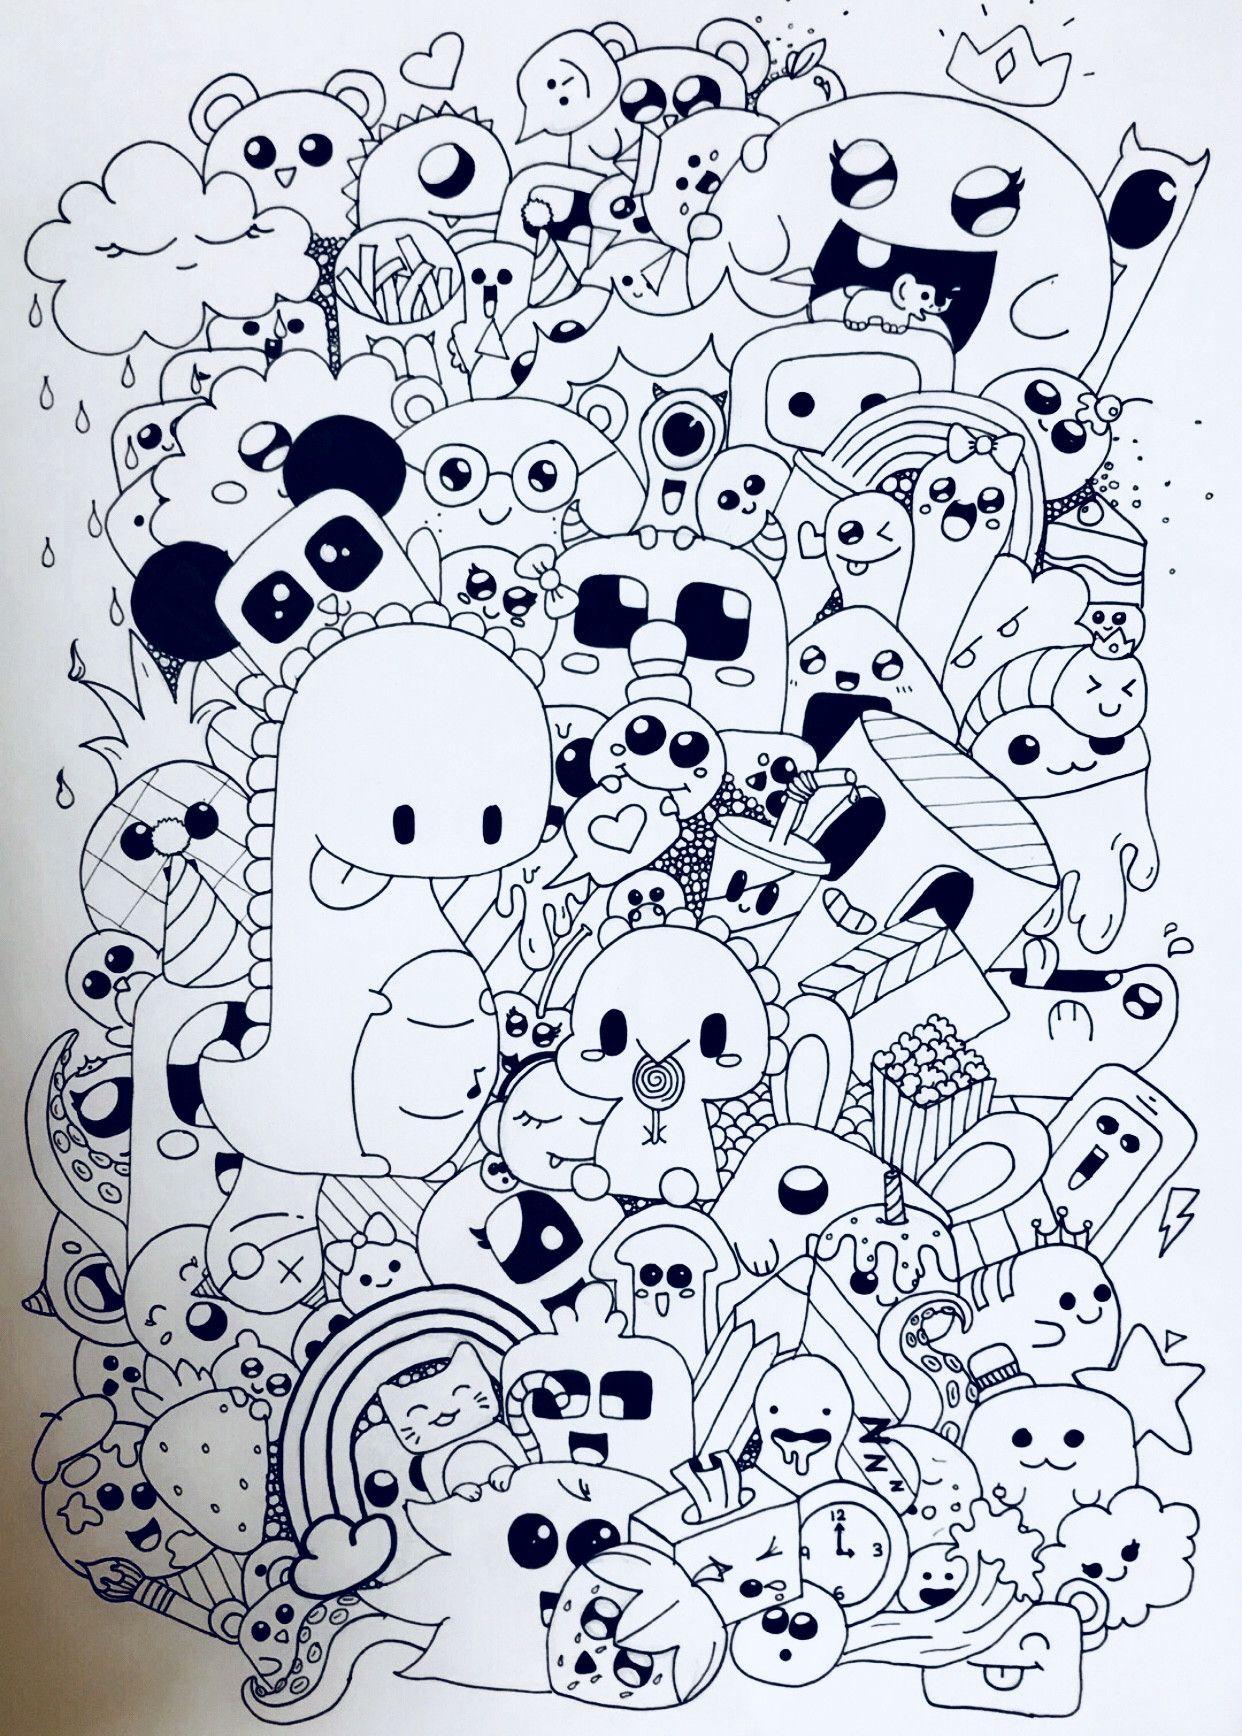 épinglé Par Hiba Sur Doodle Art دودلززز Coloriage